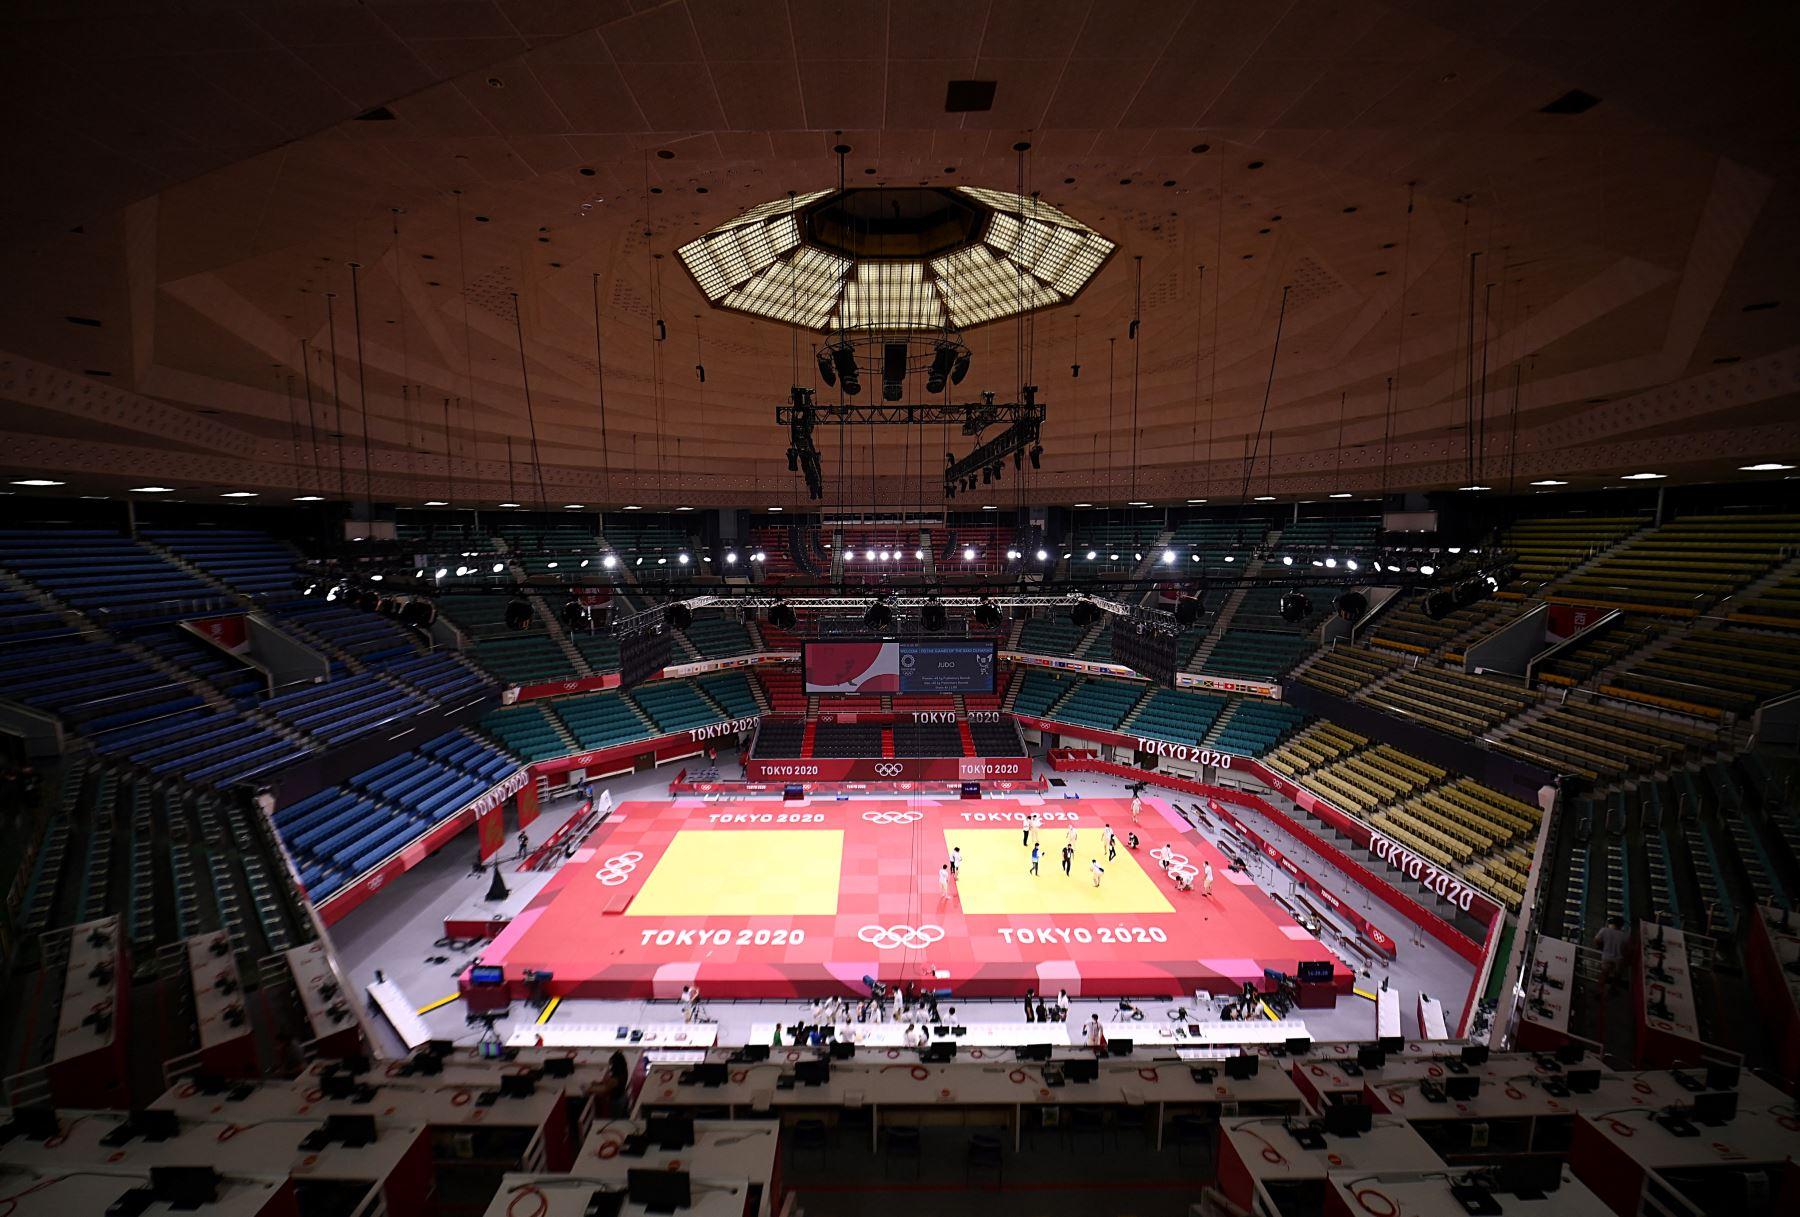 Una vista general muestra la sede del Nippon Budokan para los eventos de judo y kárate durante los Juegos Olímpicos de Tokio. Foto: AFP